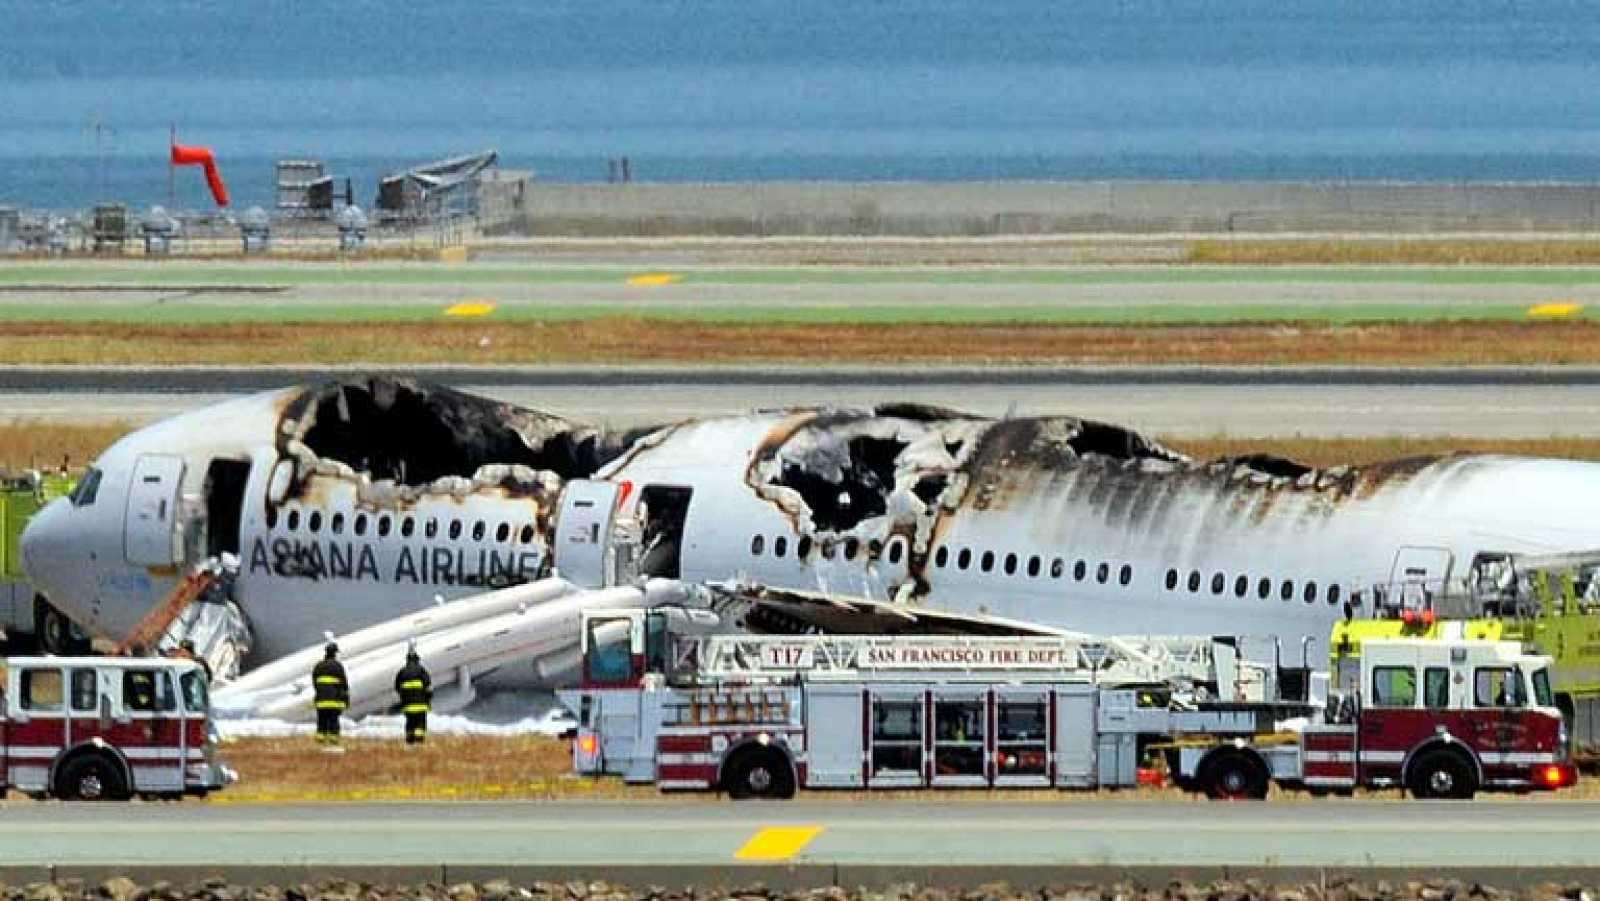 El piloto de Asiana Airlines pidió retomar altura poco antes del ...